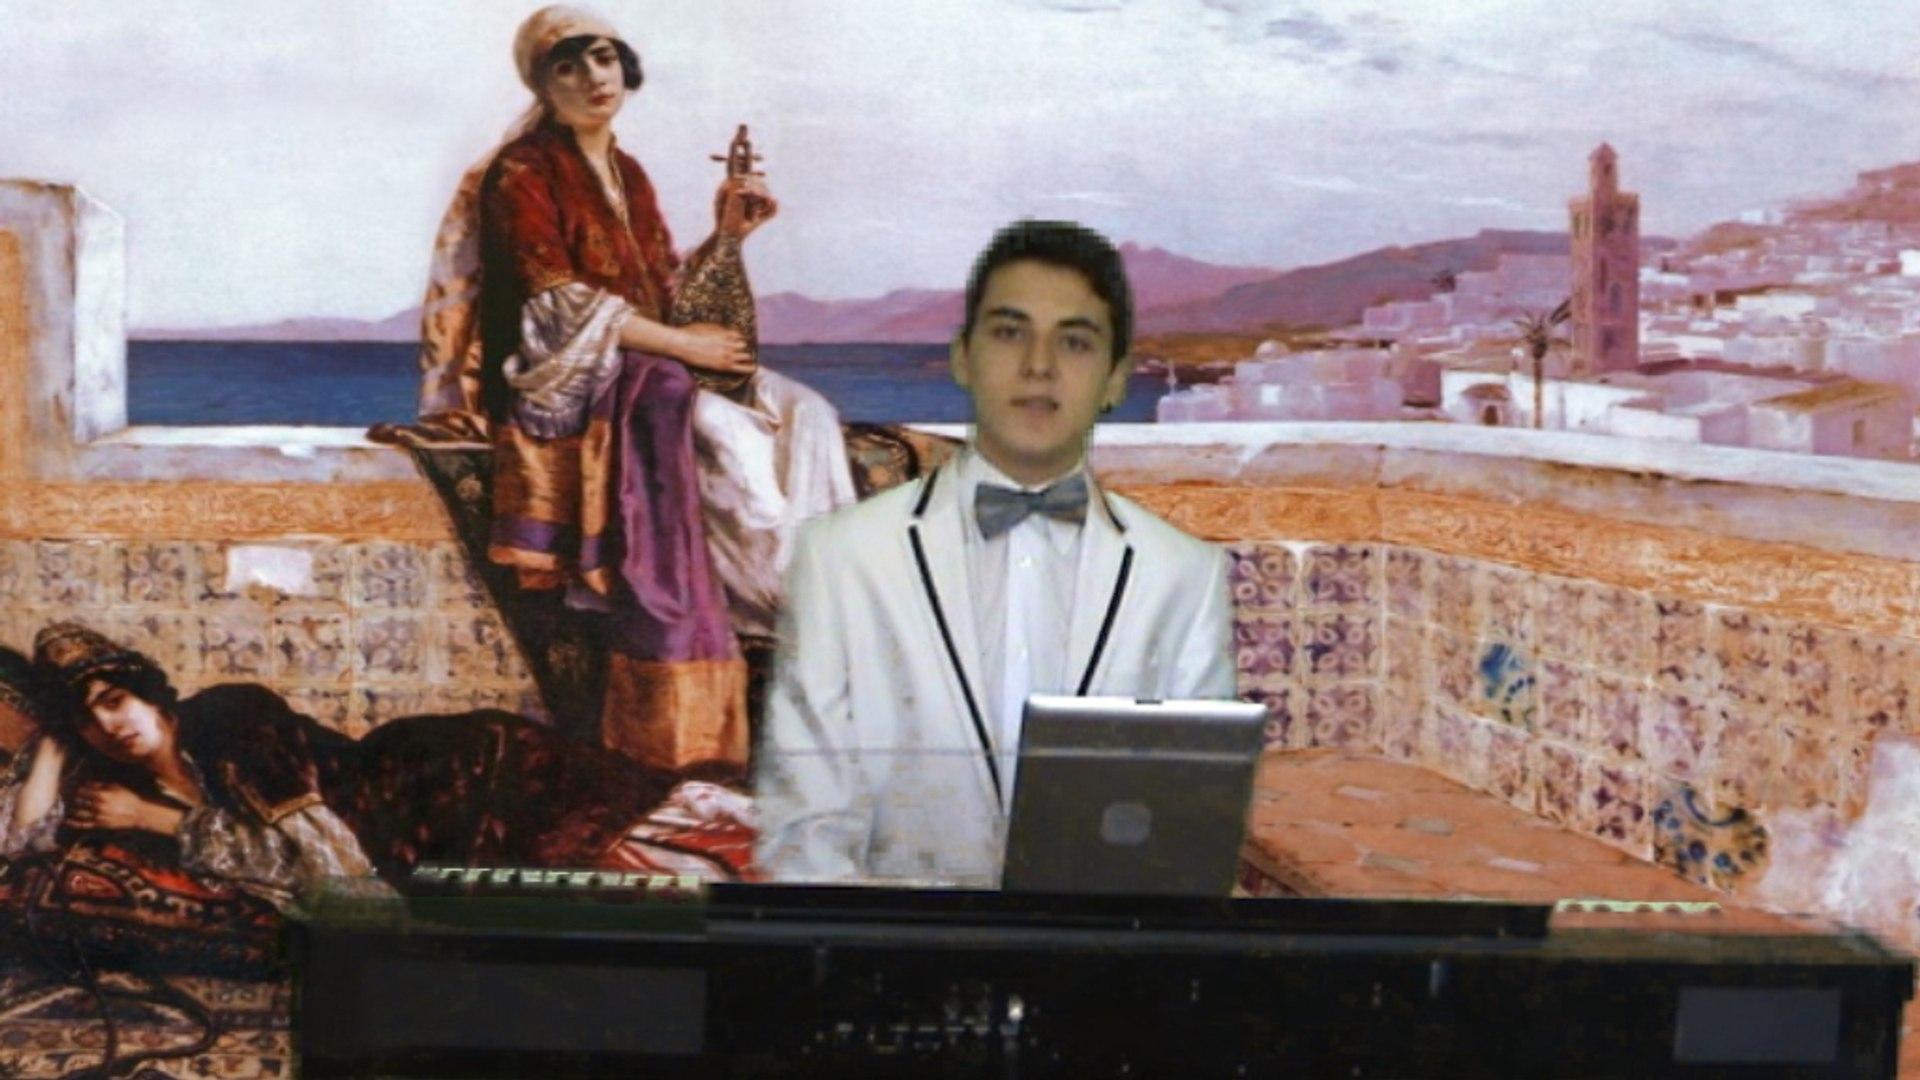 ÇEÇEN KIZI Solo Piyano KLASİK TÜRK MUSİKİLERİ Tanburi Cemil Bey Bestesi Huseyni Ekşi Sözlük E-posta